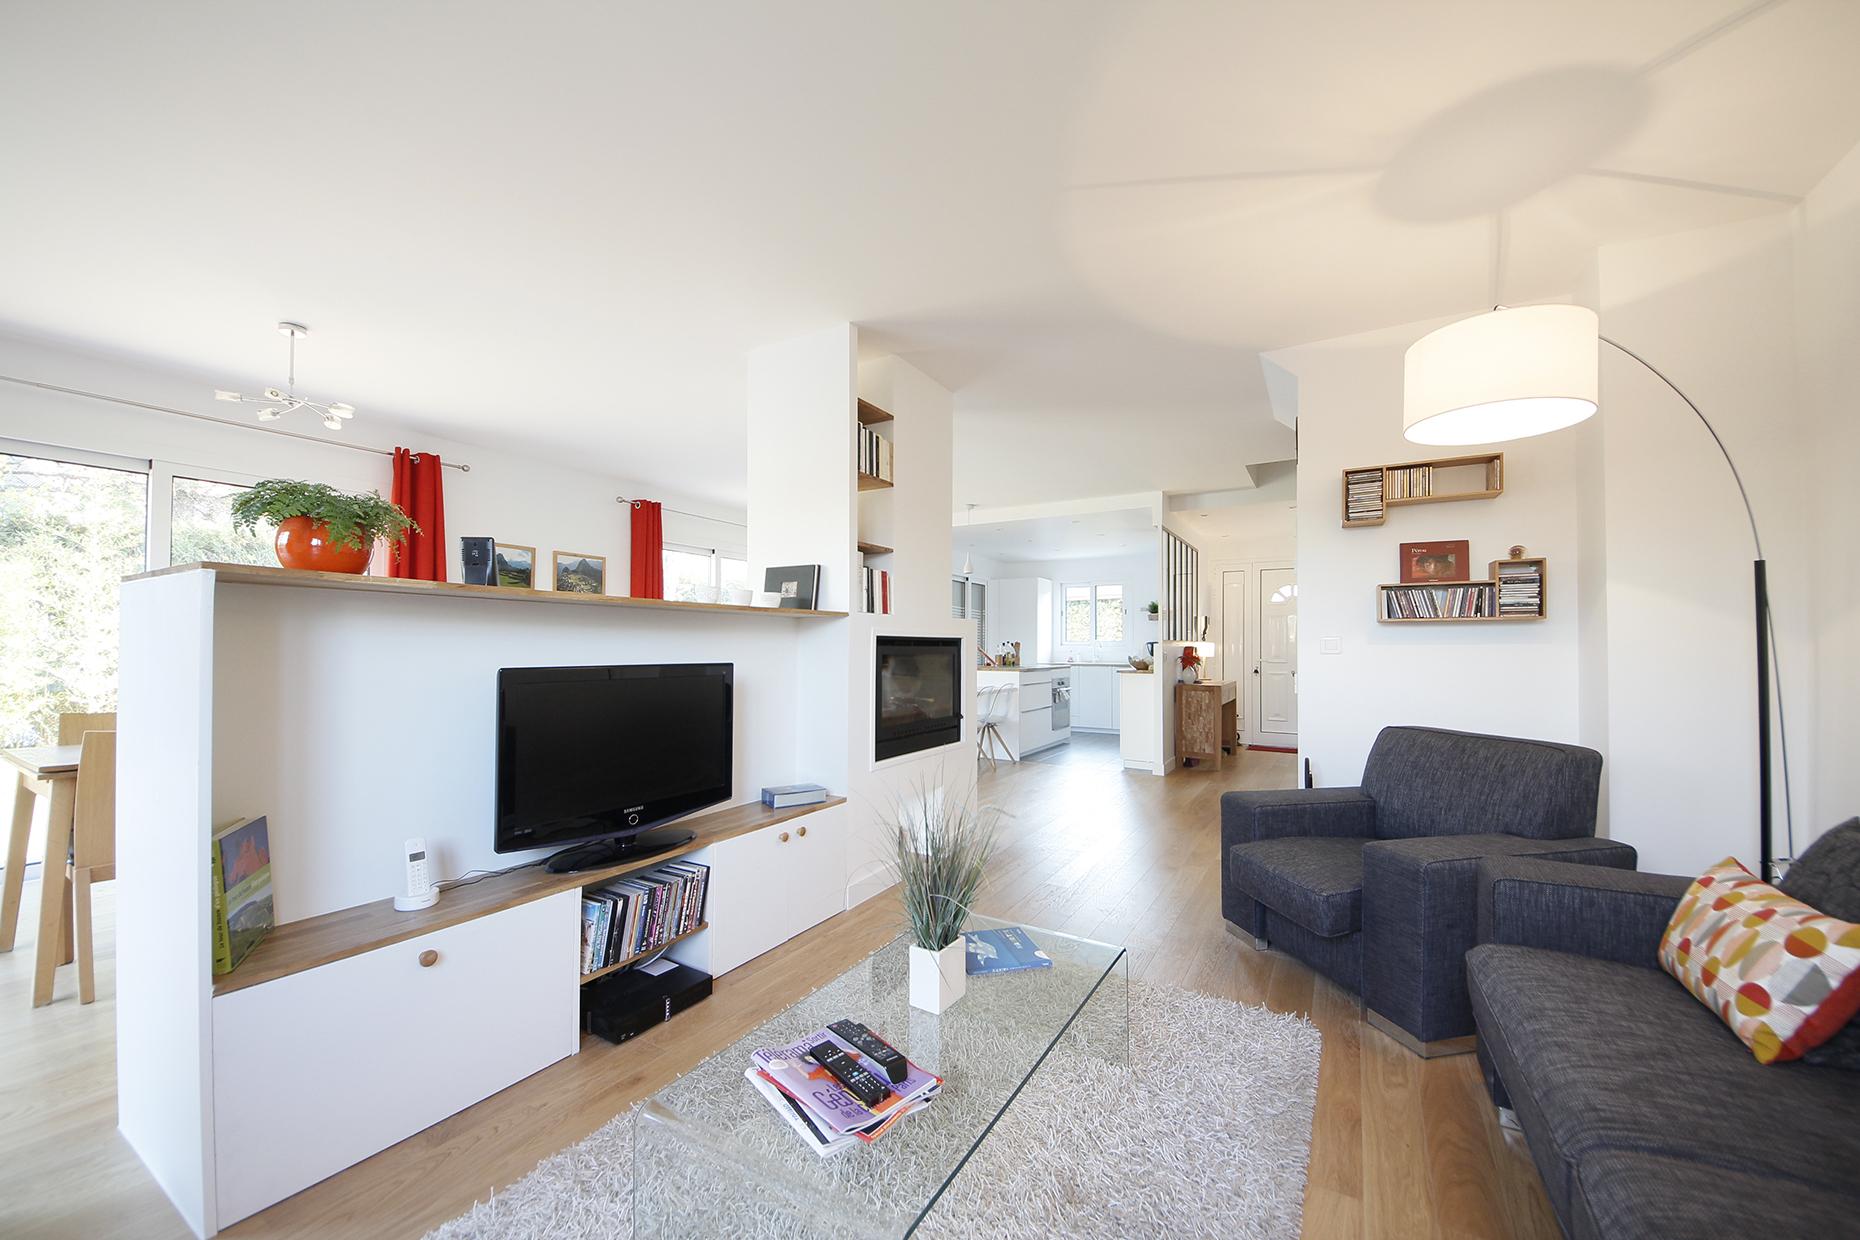 maison so v lizy 78 vos plans sur la com te architecte val de marne 94. Black Bedroom Furniture Sets. Home Design Ideas